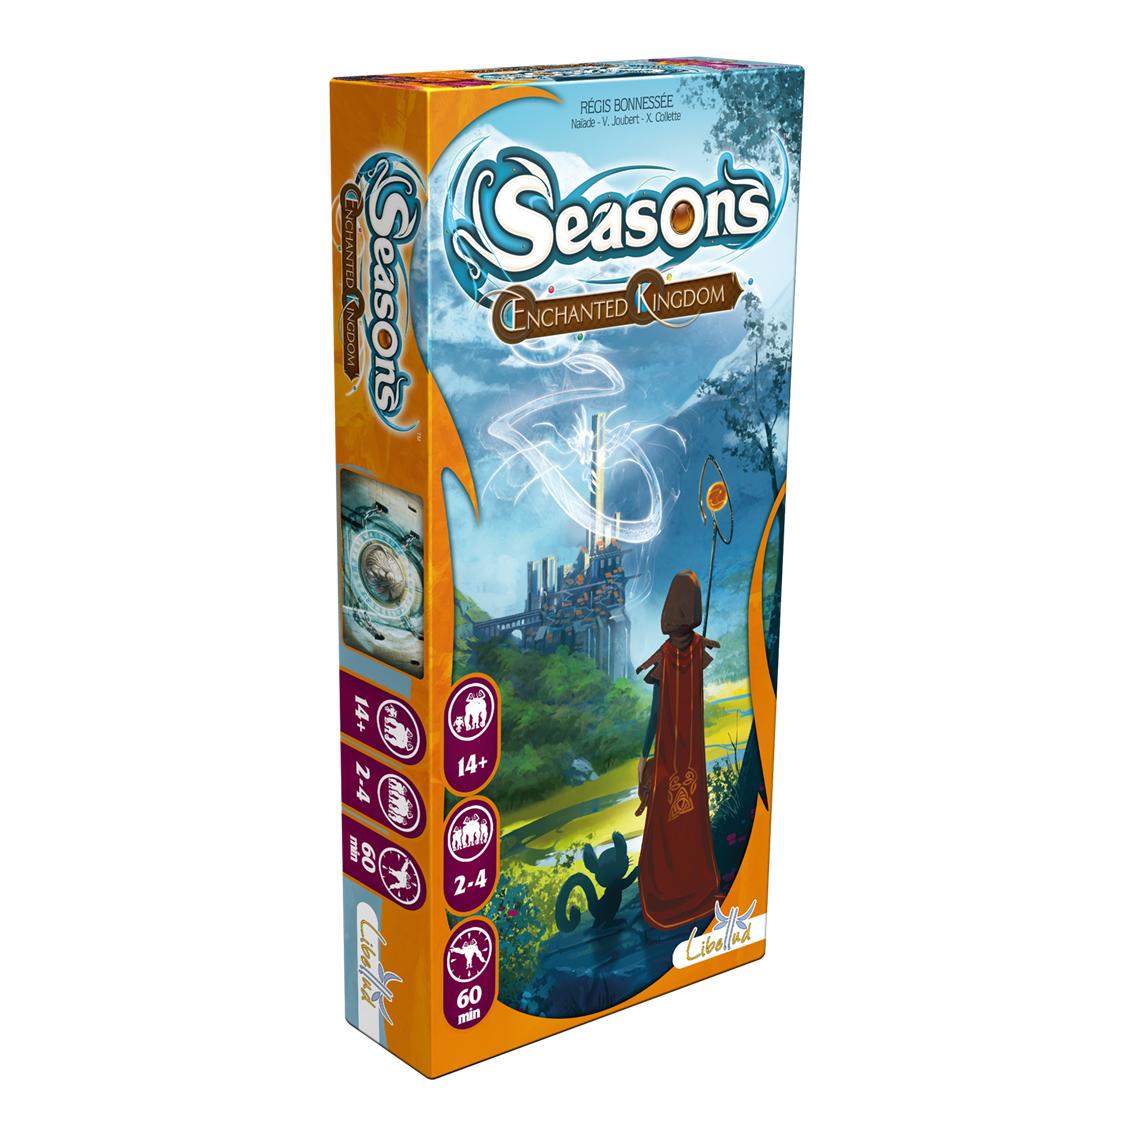 Seasons, Enchanted Kingdom (extension)